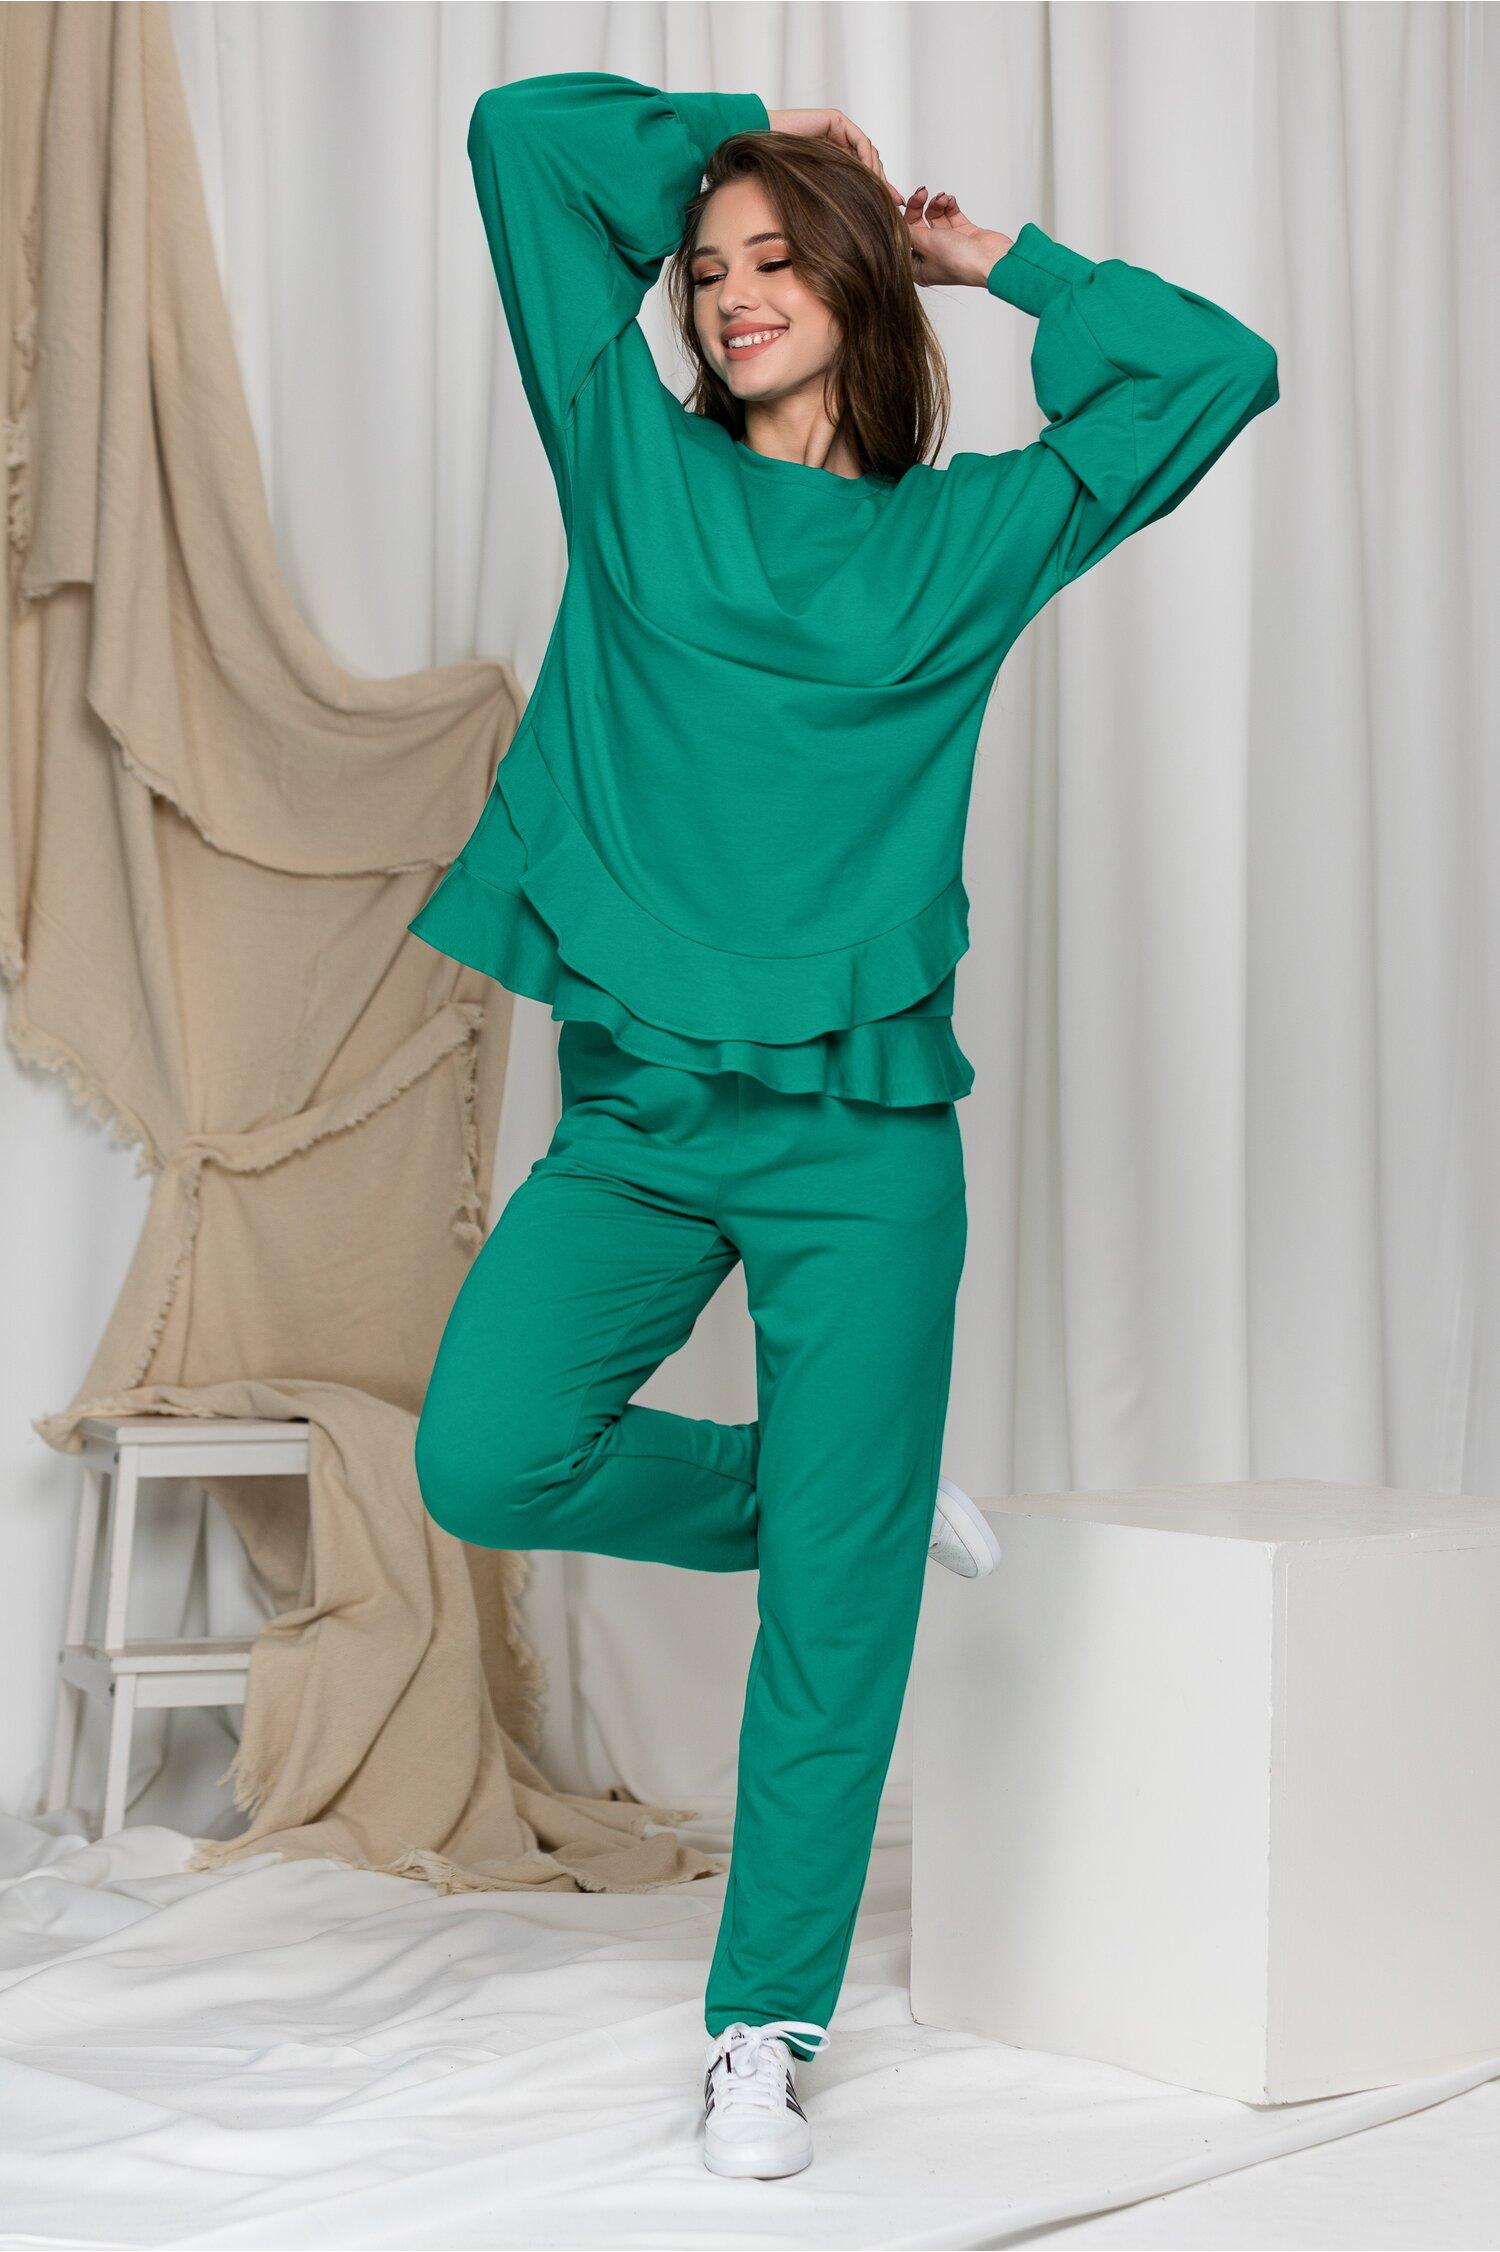 Compleu sport LaDonna verde cu volanase pe bluza